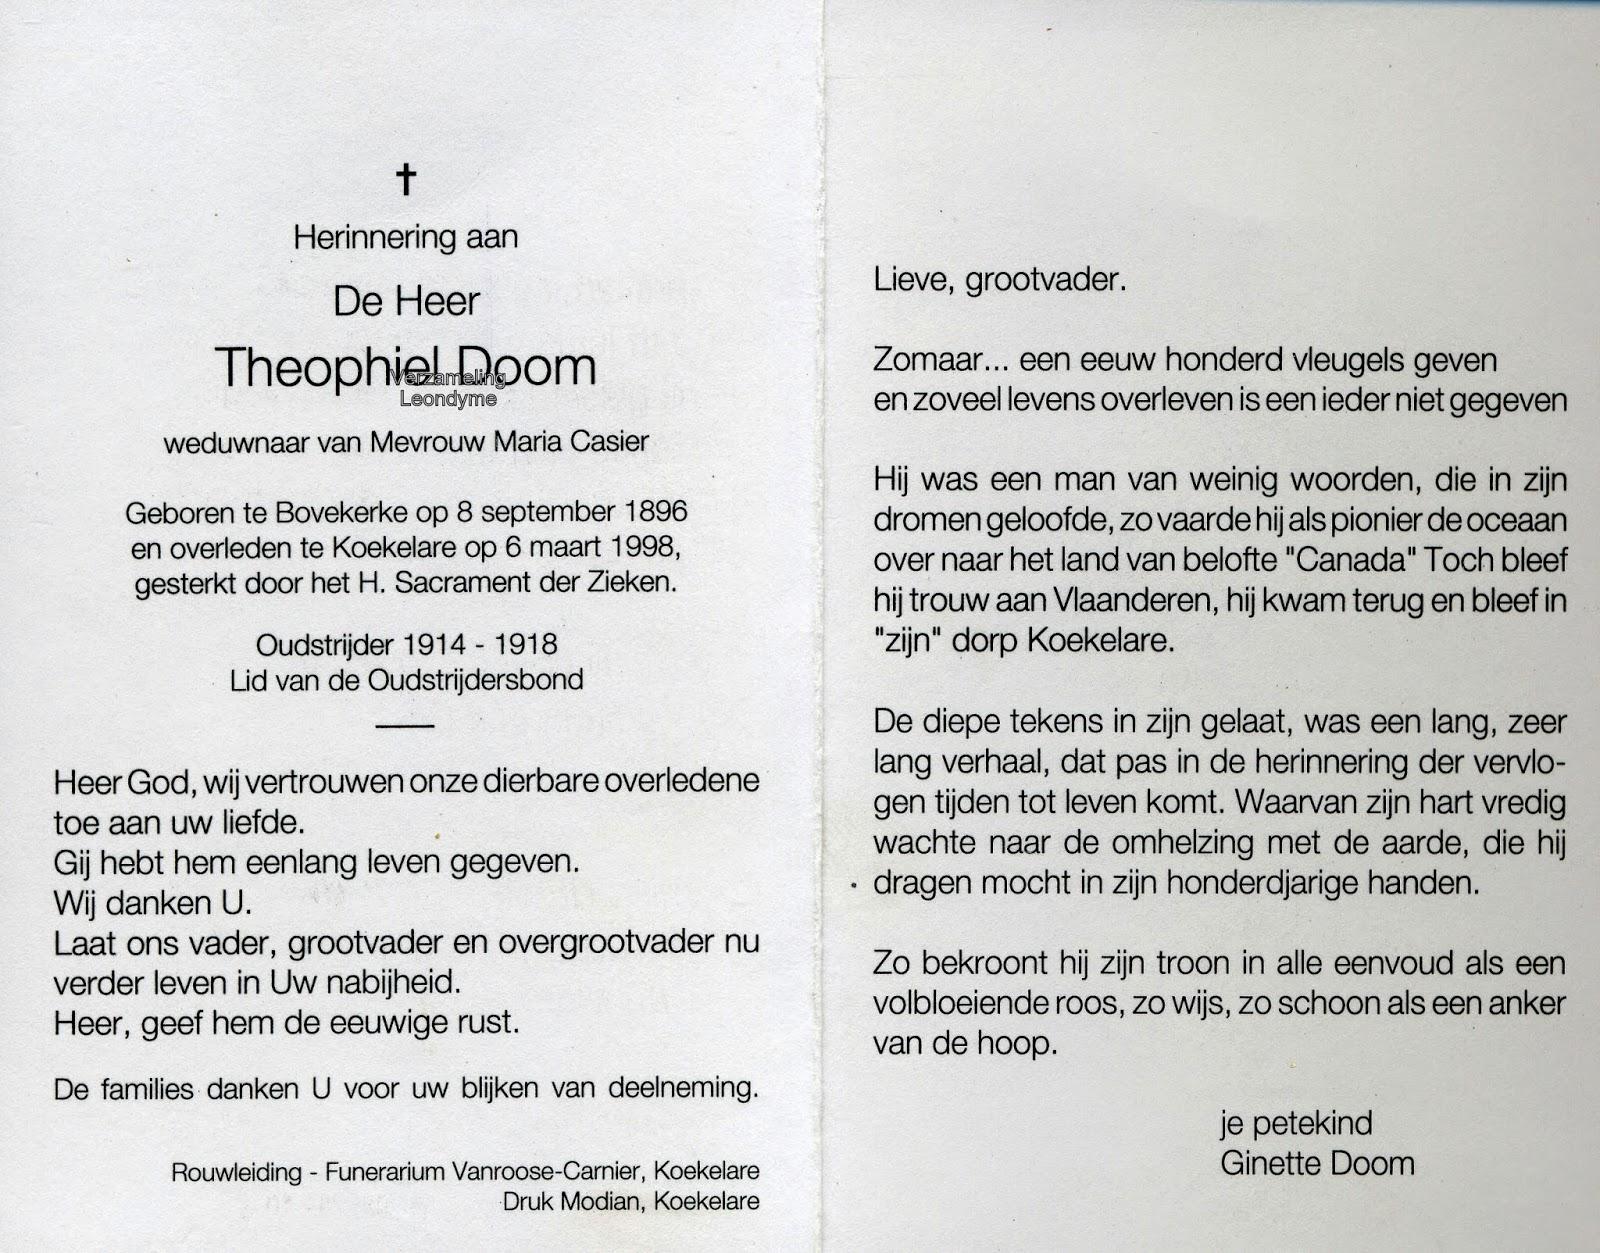 Bidprentje, Theophiel Doom 1897-1998. Verzameling Leondyme